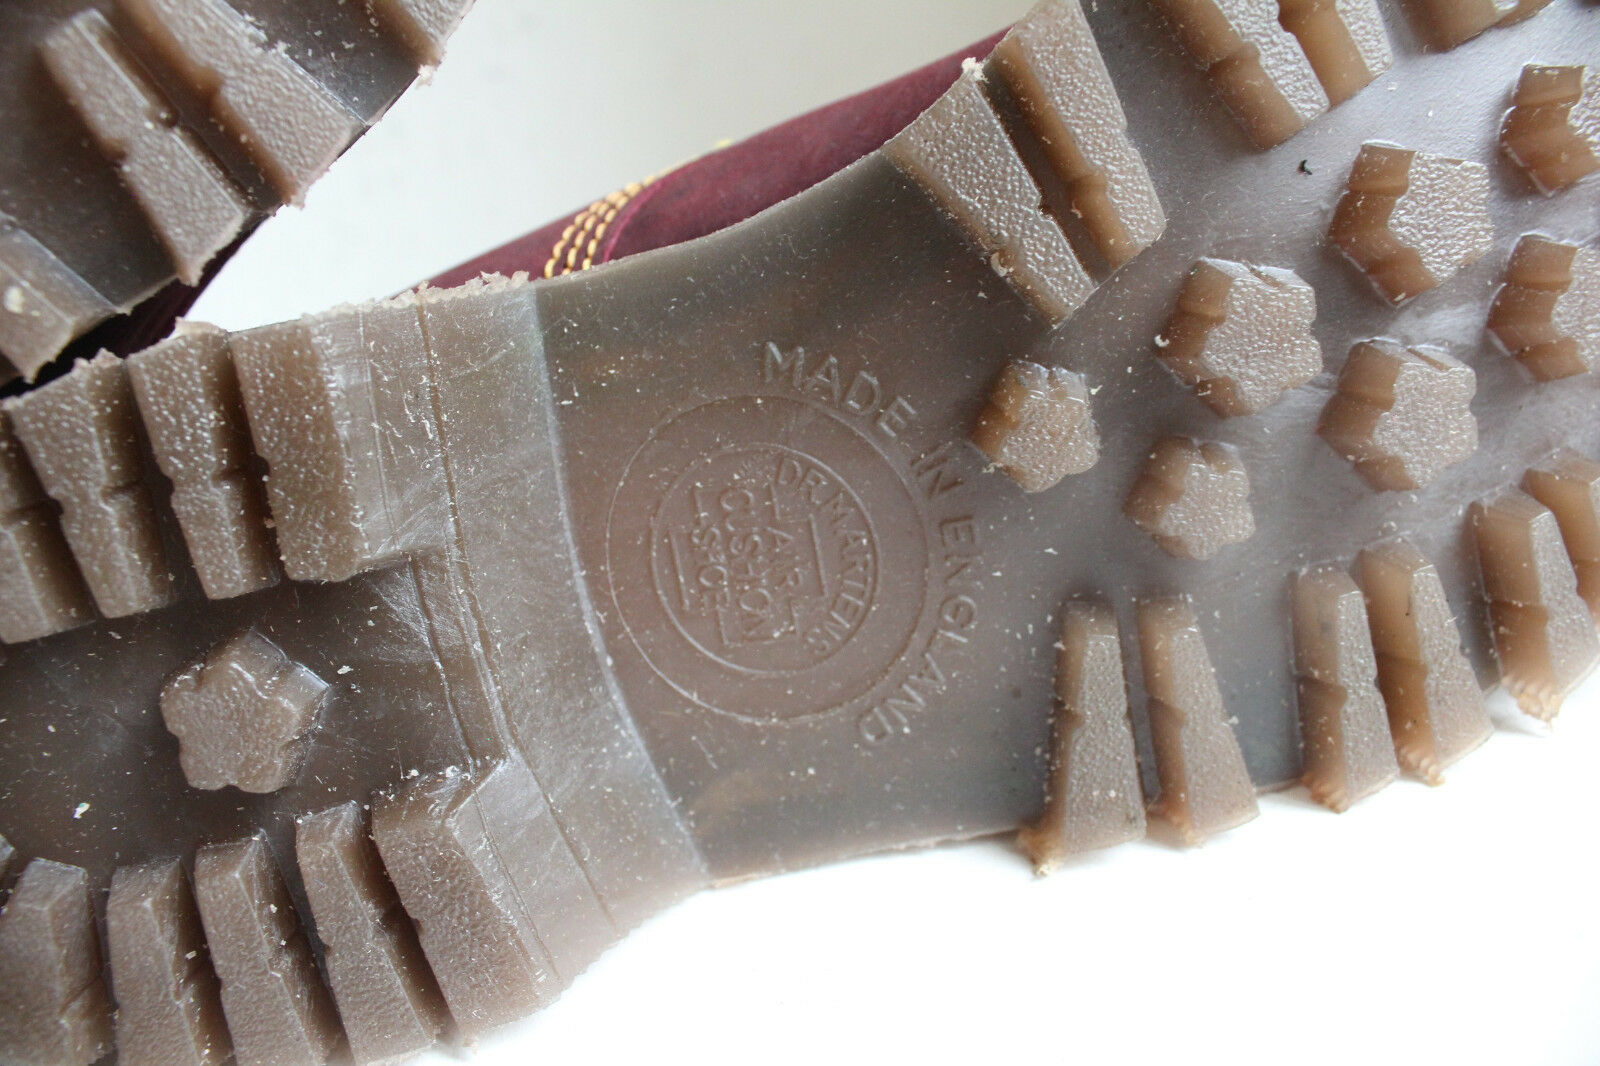 Vintage Dr. Martens Hawkins botas fabricado nubukleder burdeos eu 38 - uk 5 fabricado botas en Inglaterra 59b84e